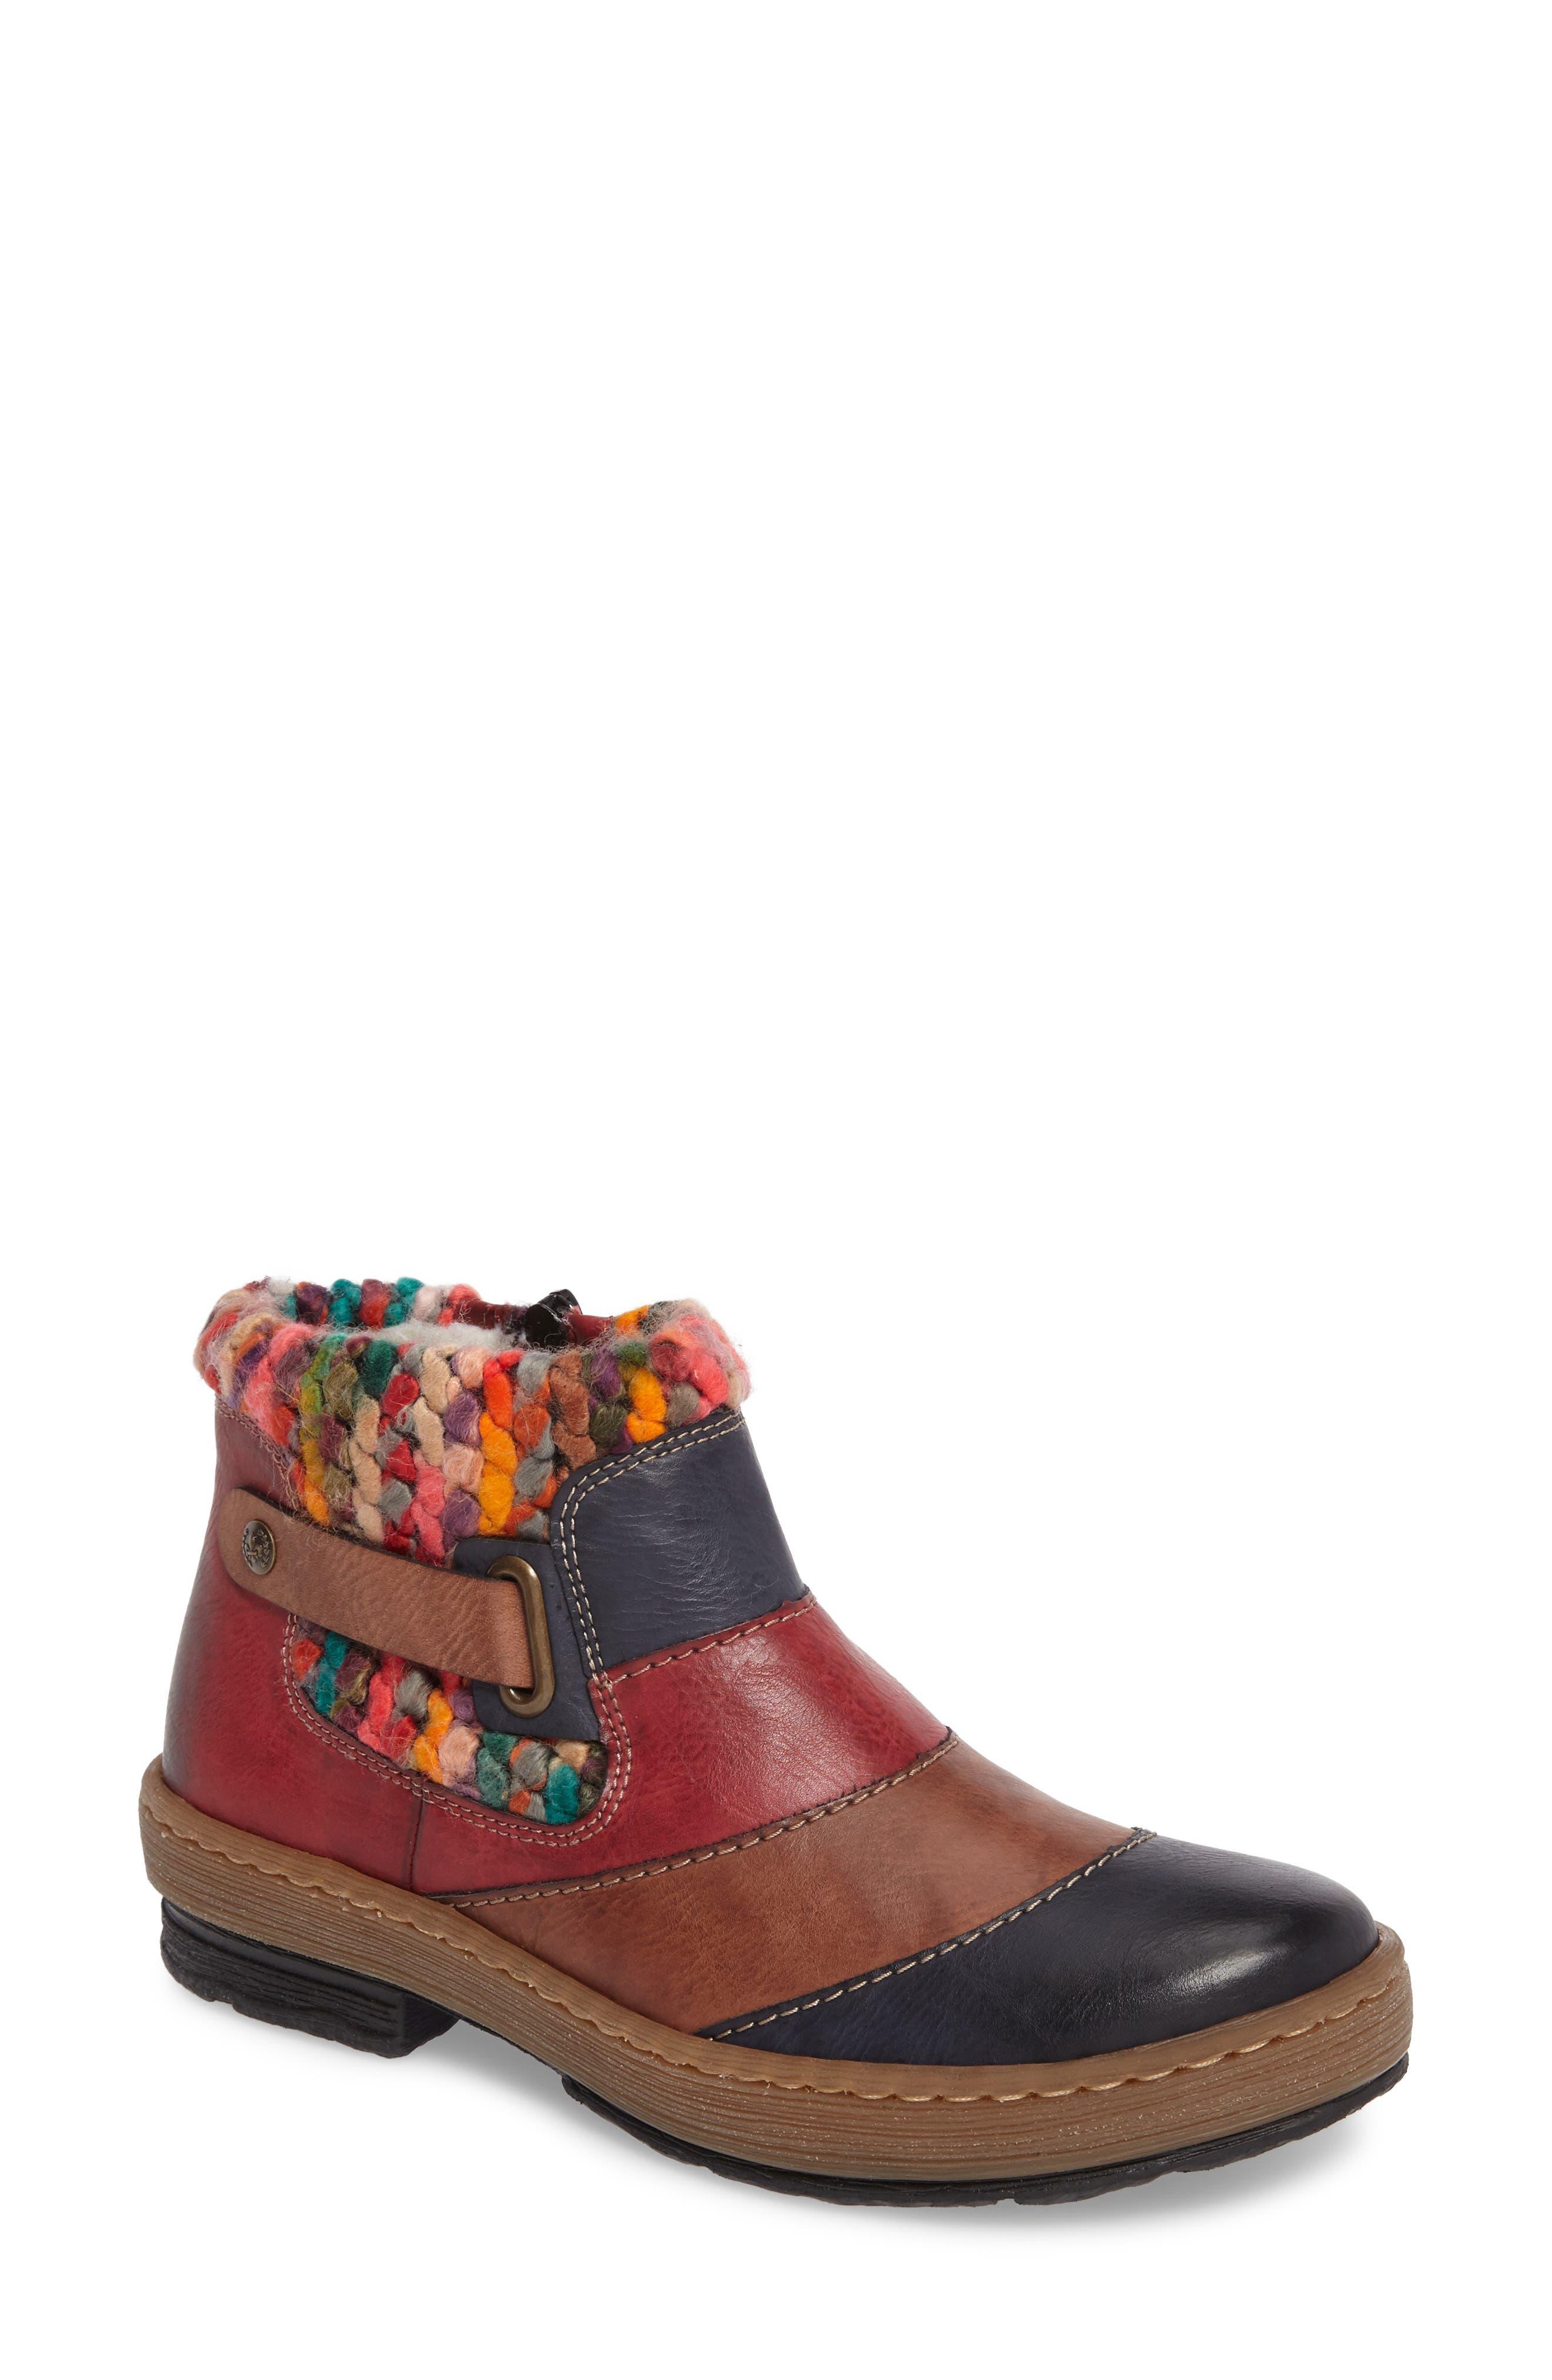 Felicitas 82 Boot,                         Main,                         color, 930